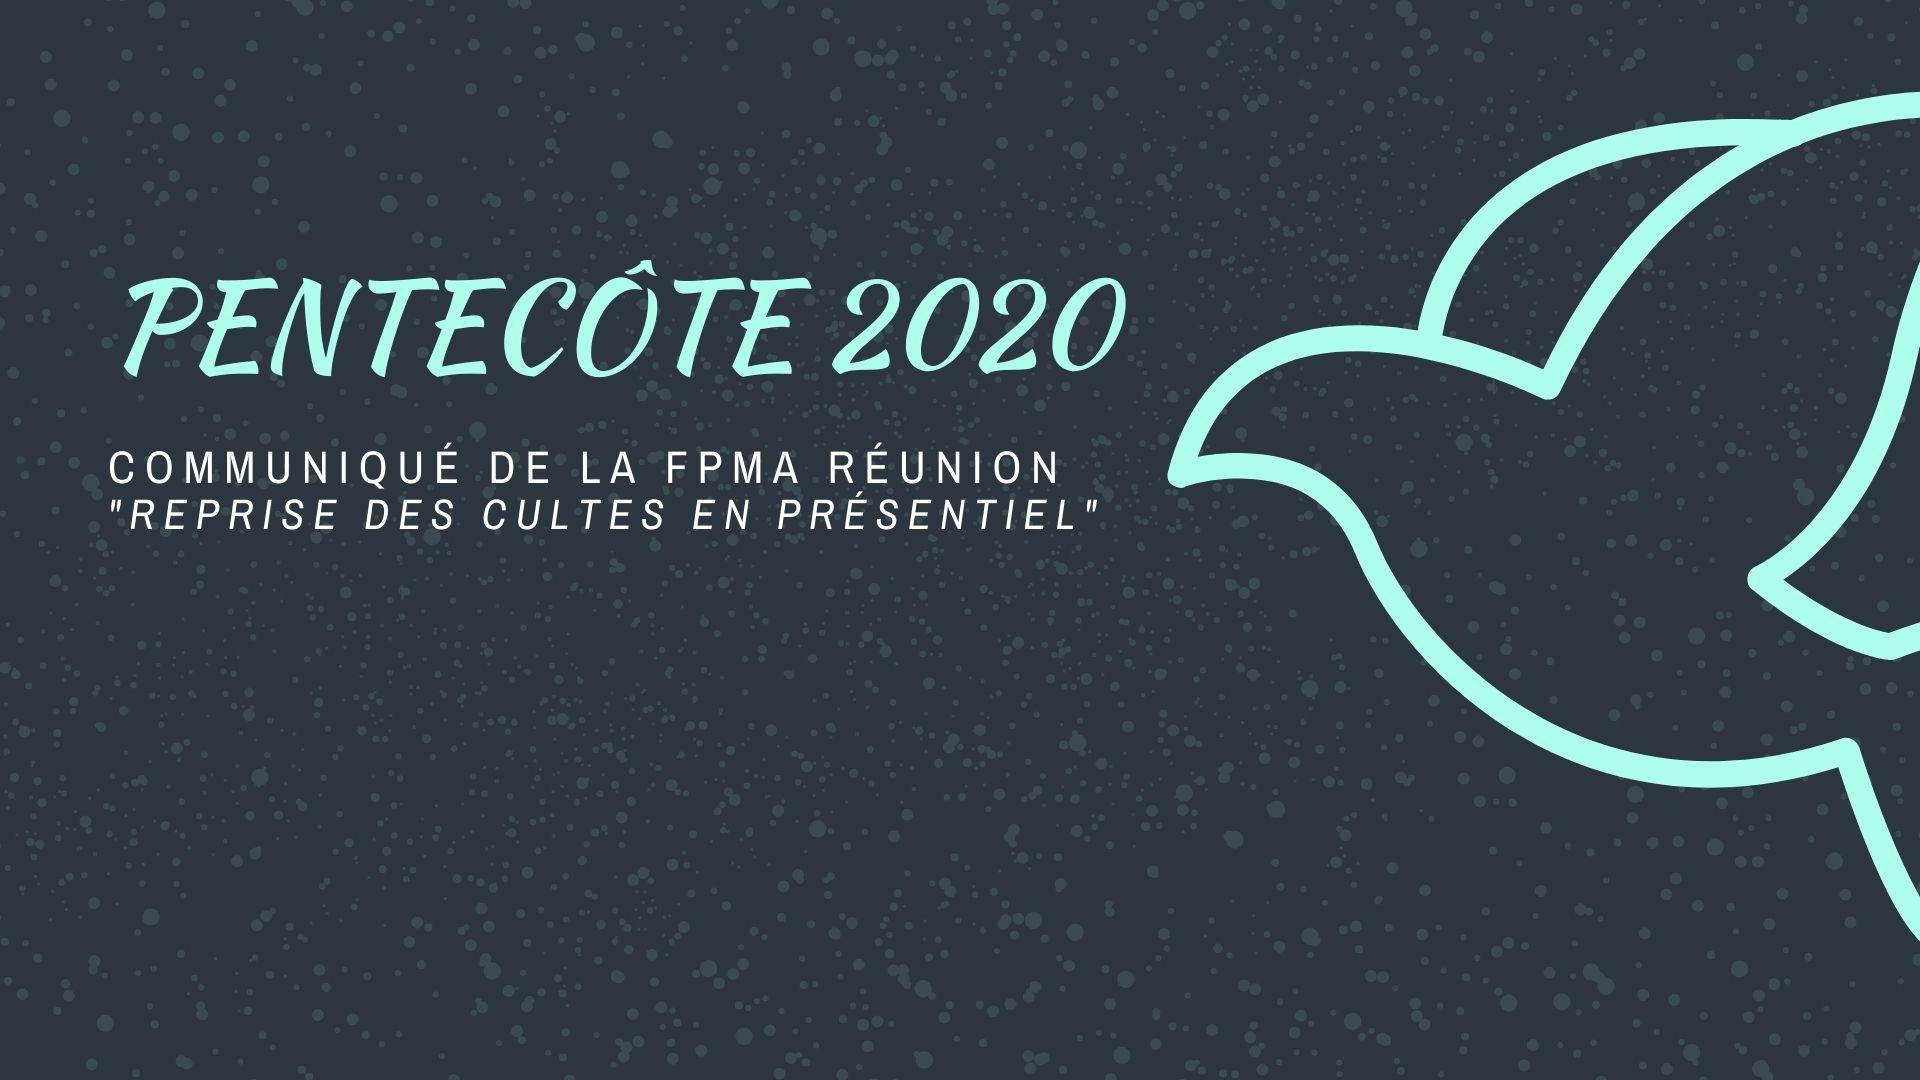 Pentecôte 2020 Fpma Réunion